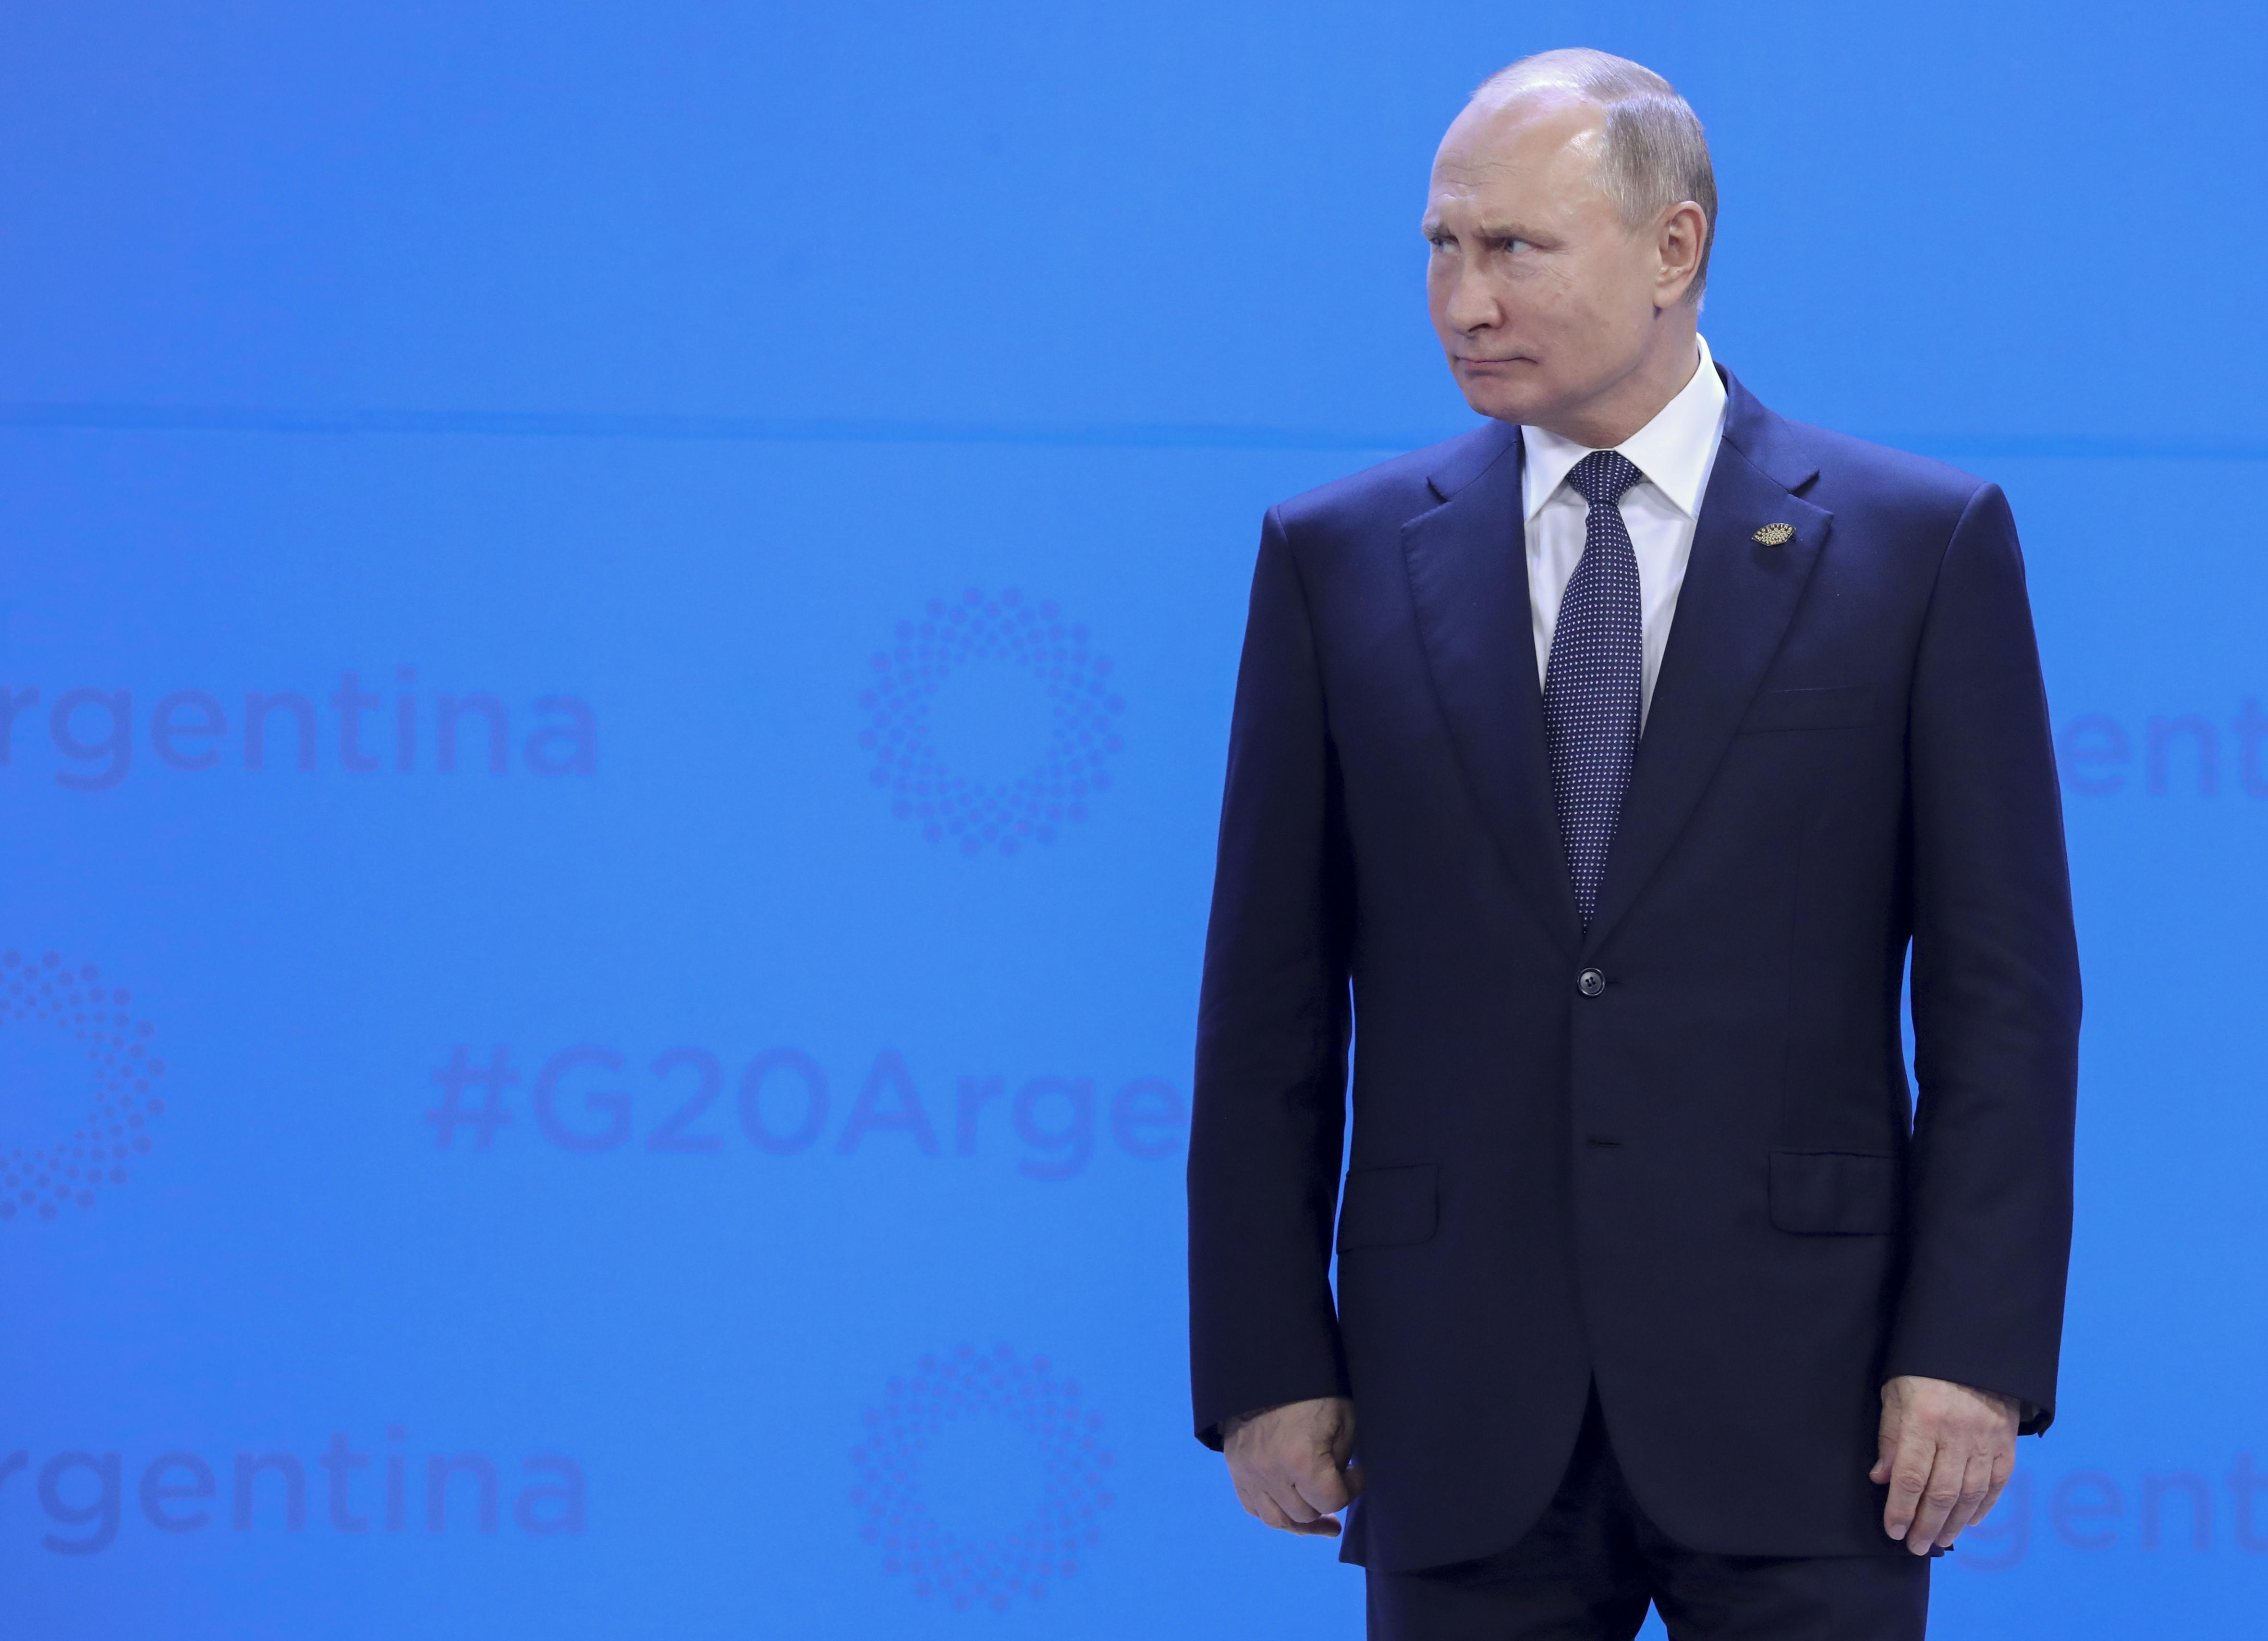 НАТО иттифоқчилари: Москвага ядровий қуроллар бўйича шартномани сақлаб қолишга сўнгги имконият берилмоқда